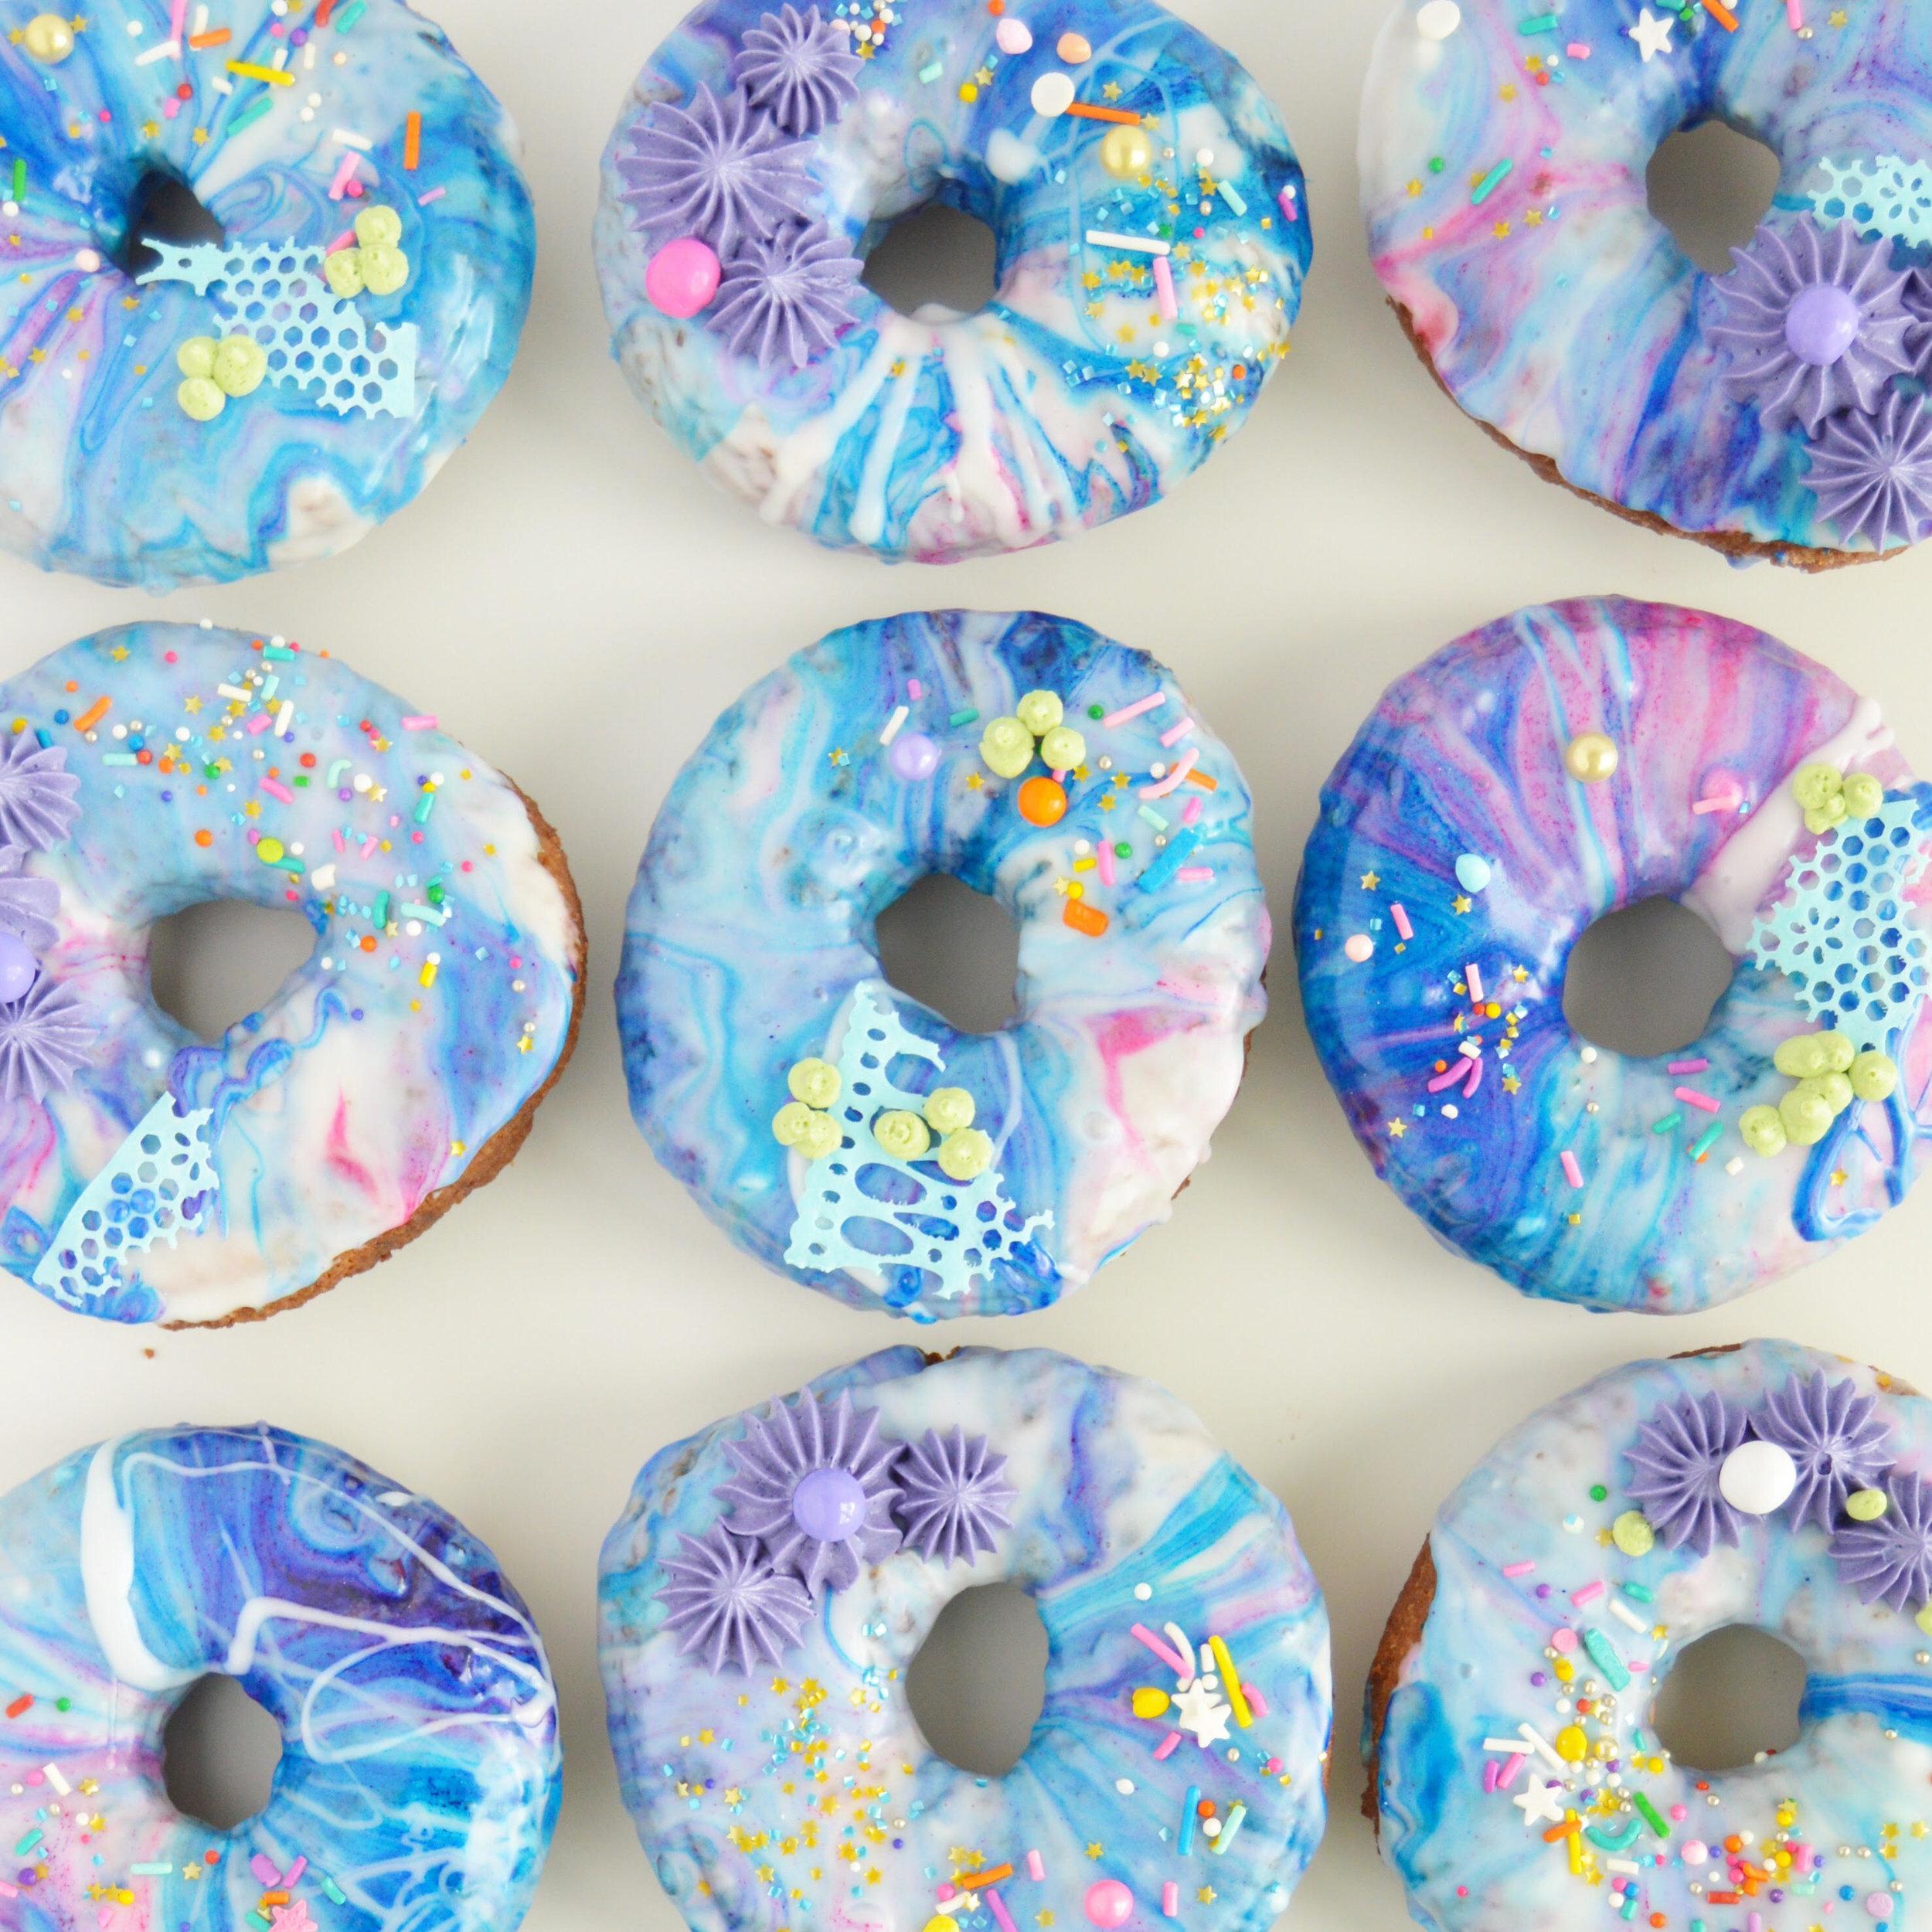 Emily also makes gorgeous doughnuts